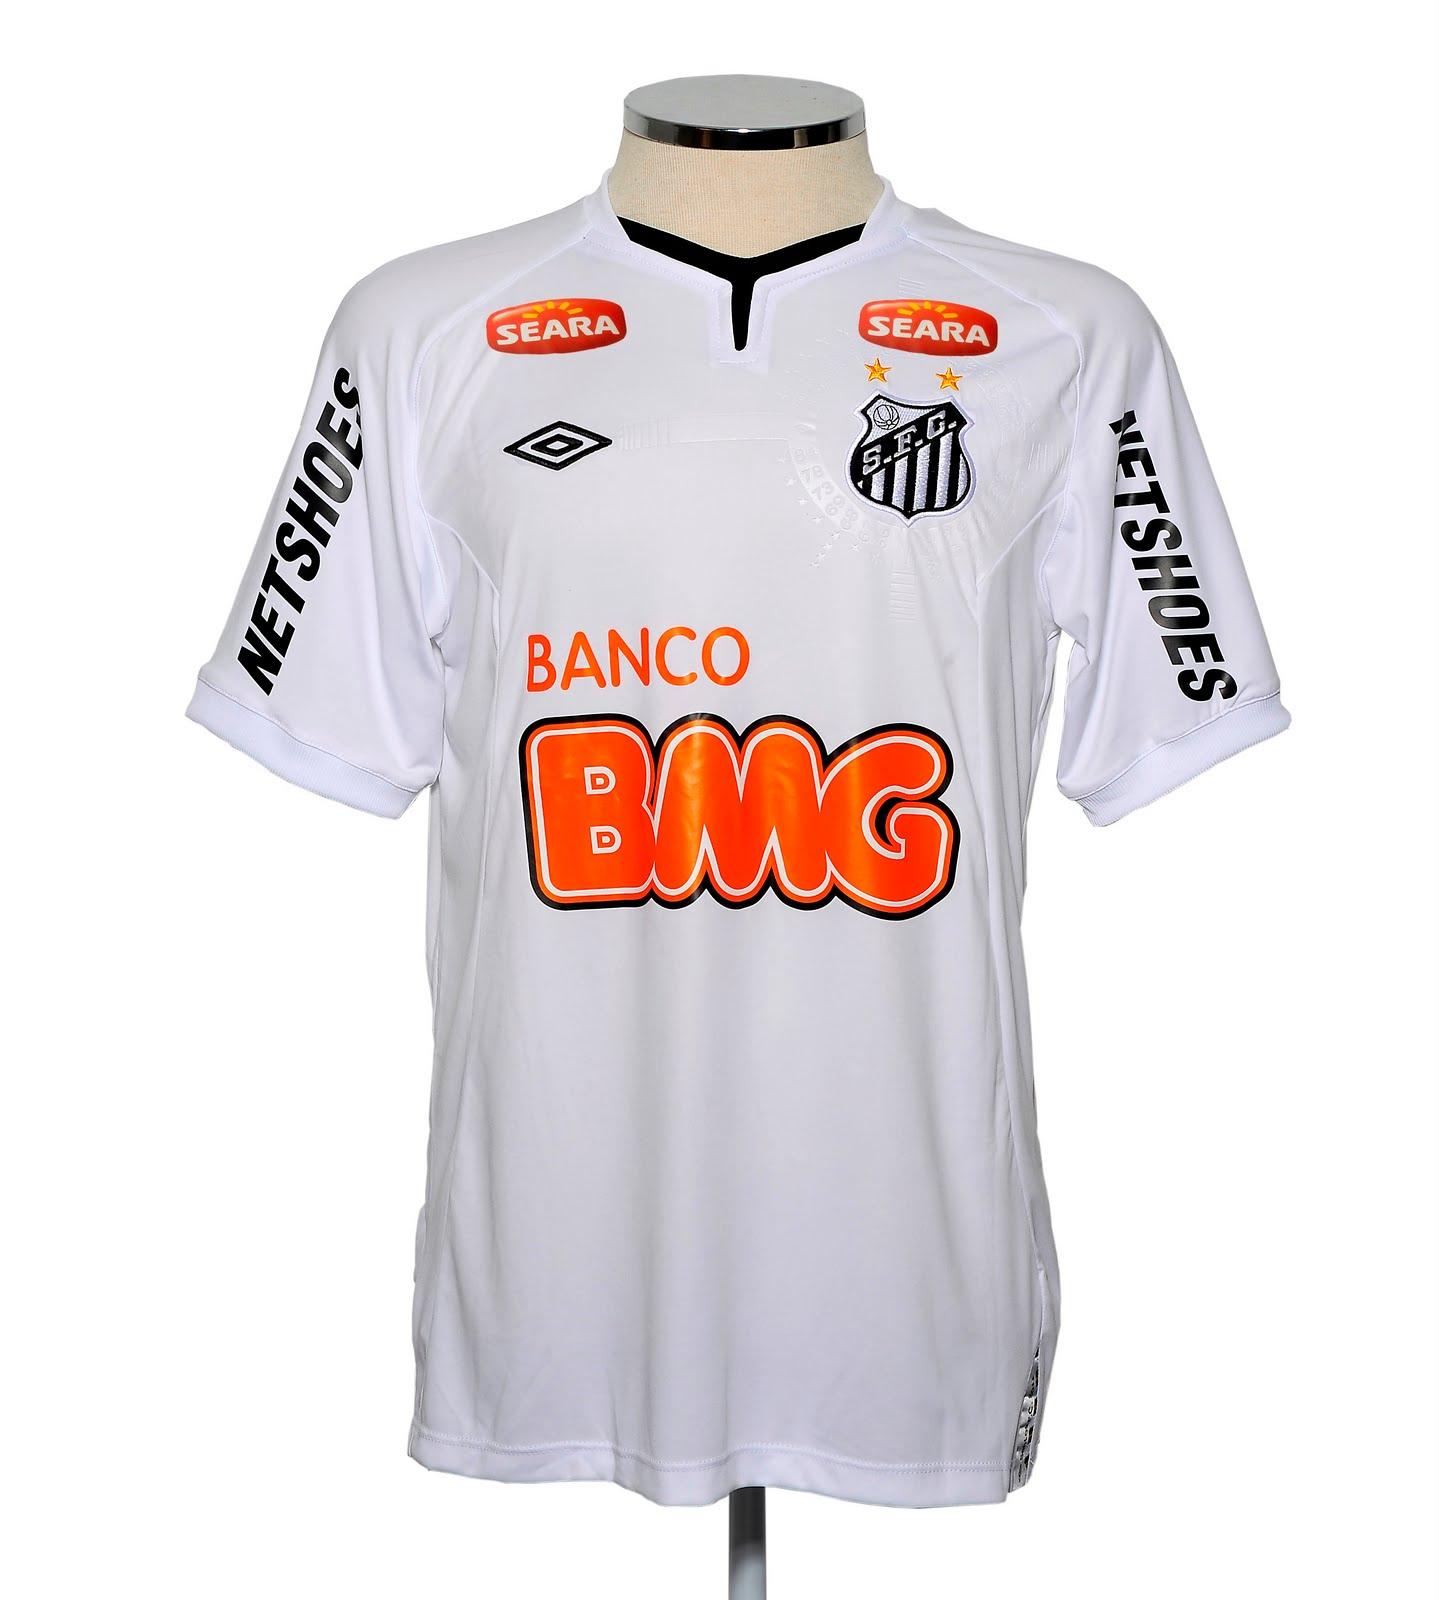 2432a4acea A camisa segue o padrão utilizado pela Umbro nas principais equipes que  patrocina